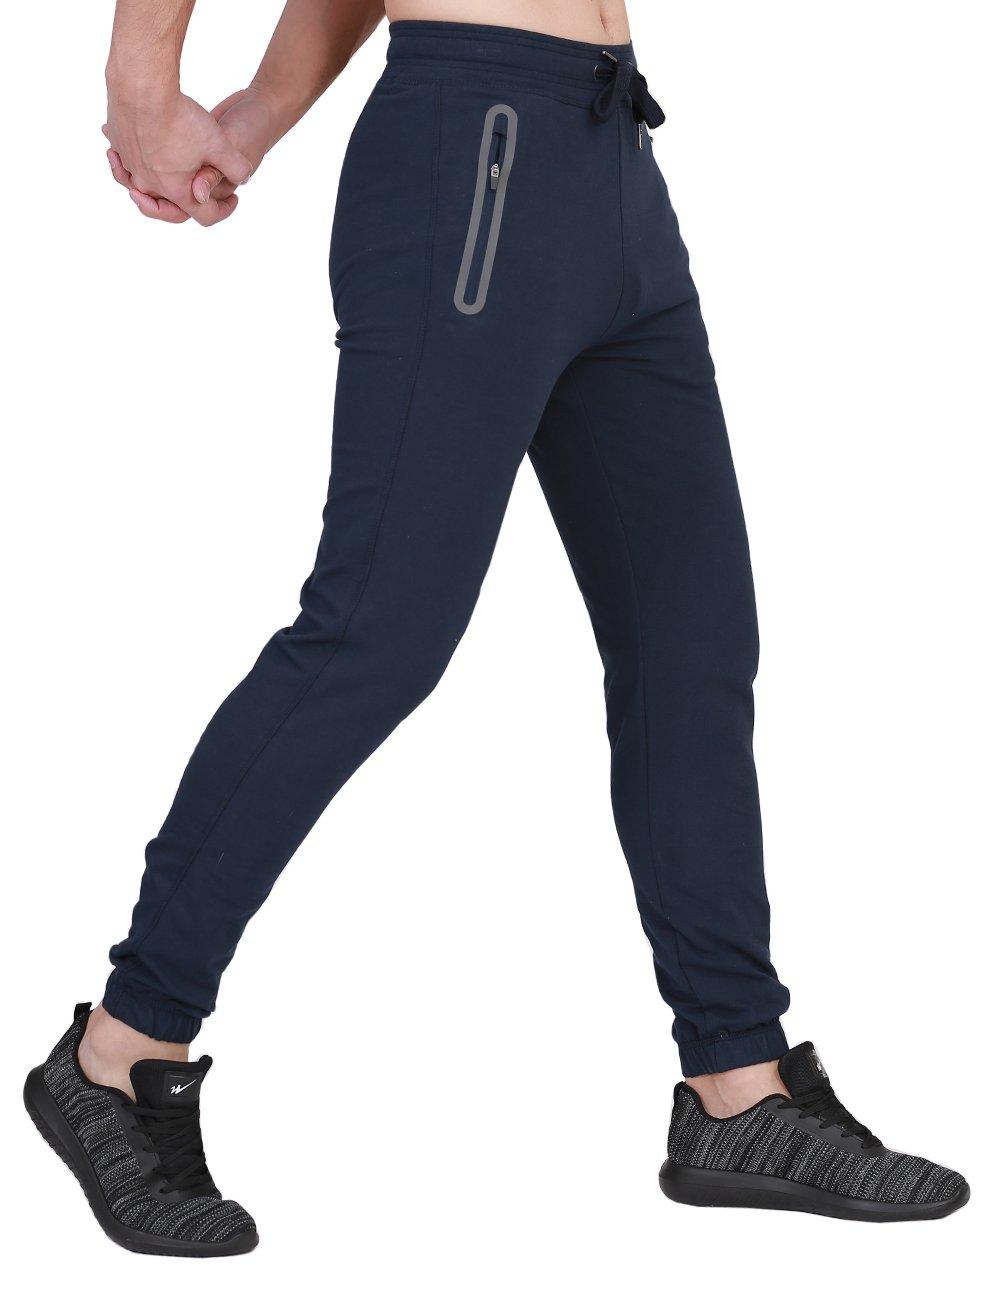 BonWayメンズJogger Sweatpantsコットンアクティブパンツアスレチックスポーツランニングパンツwithポケットスリムフィット B077YXM8YM Medium ディープブルー ディープブルー Medium